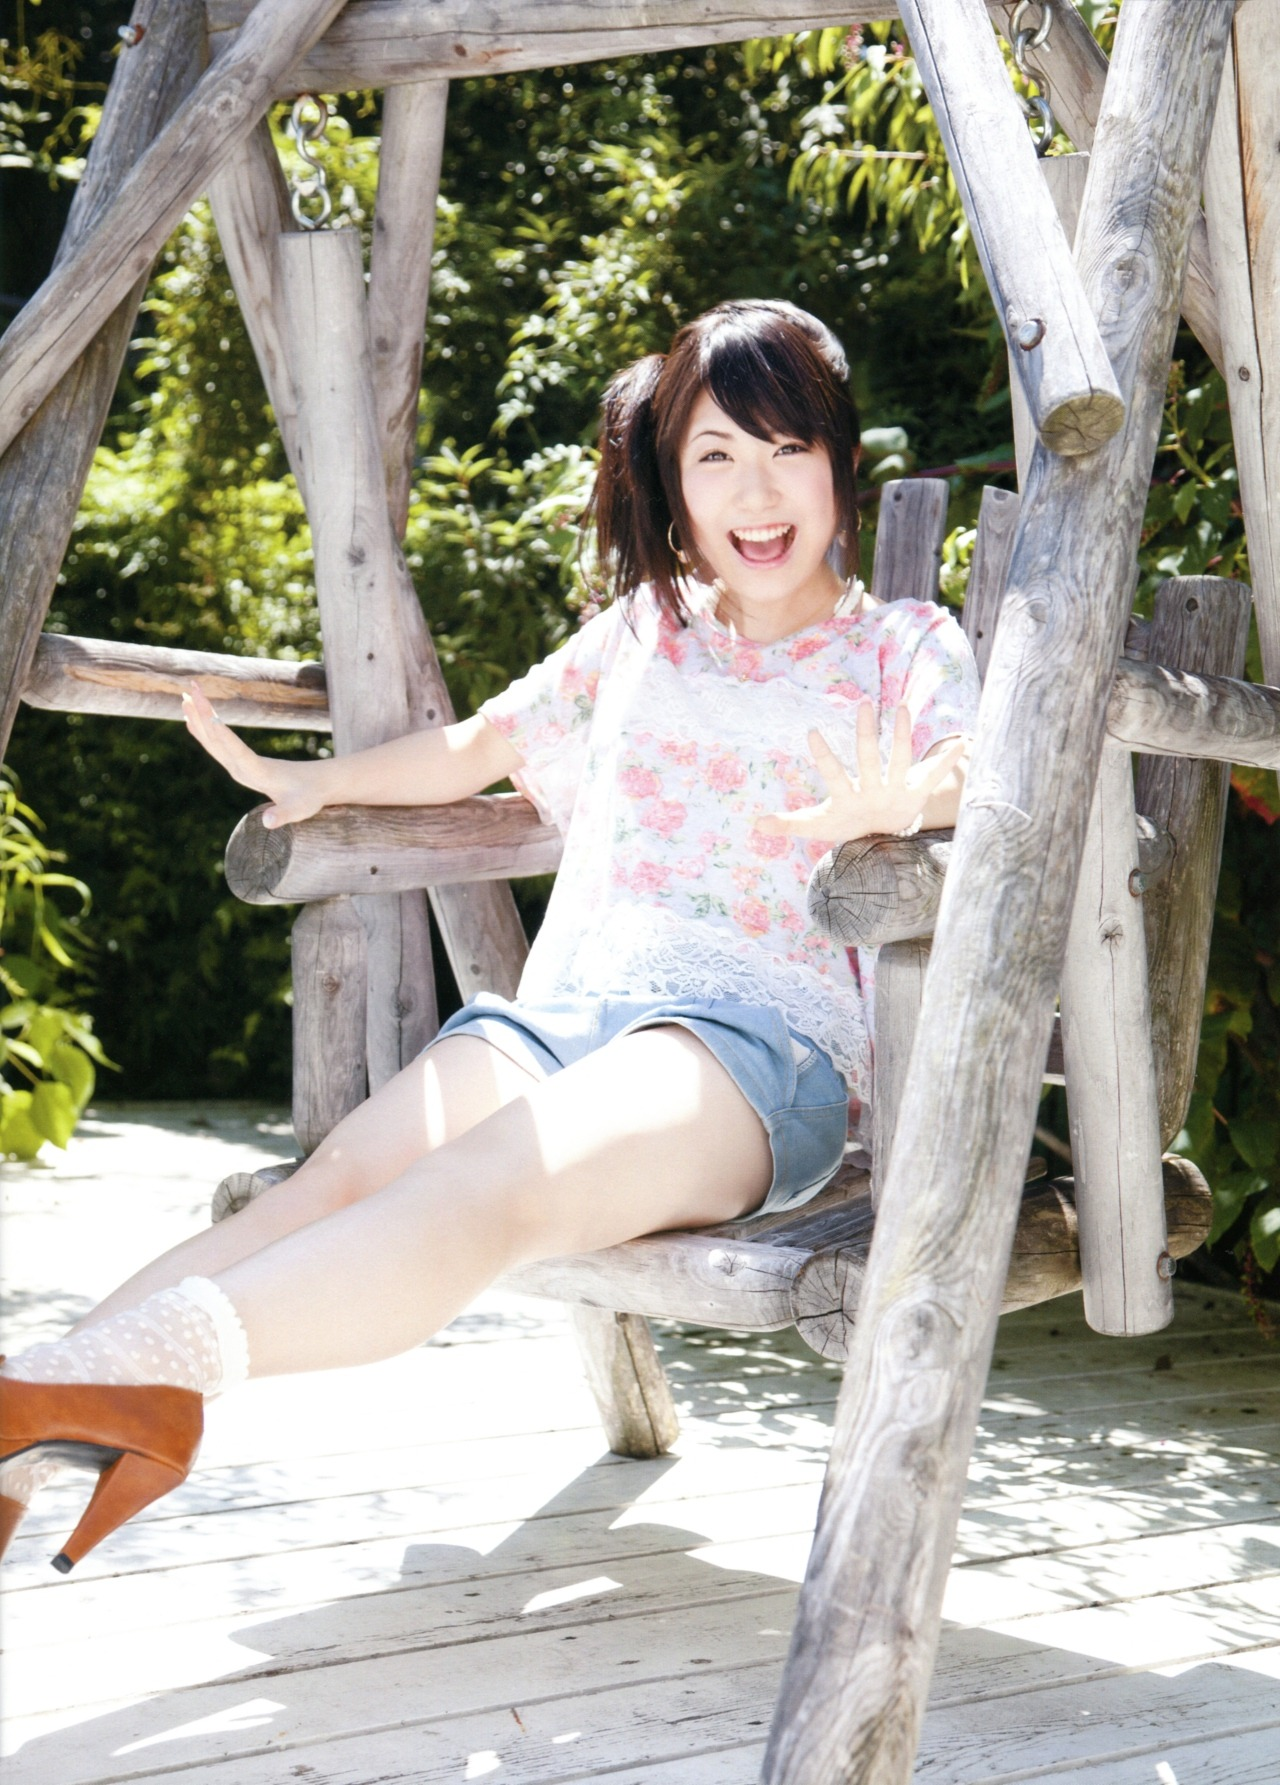 hidaka_rina029.jpg